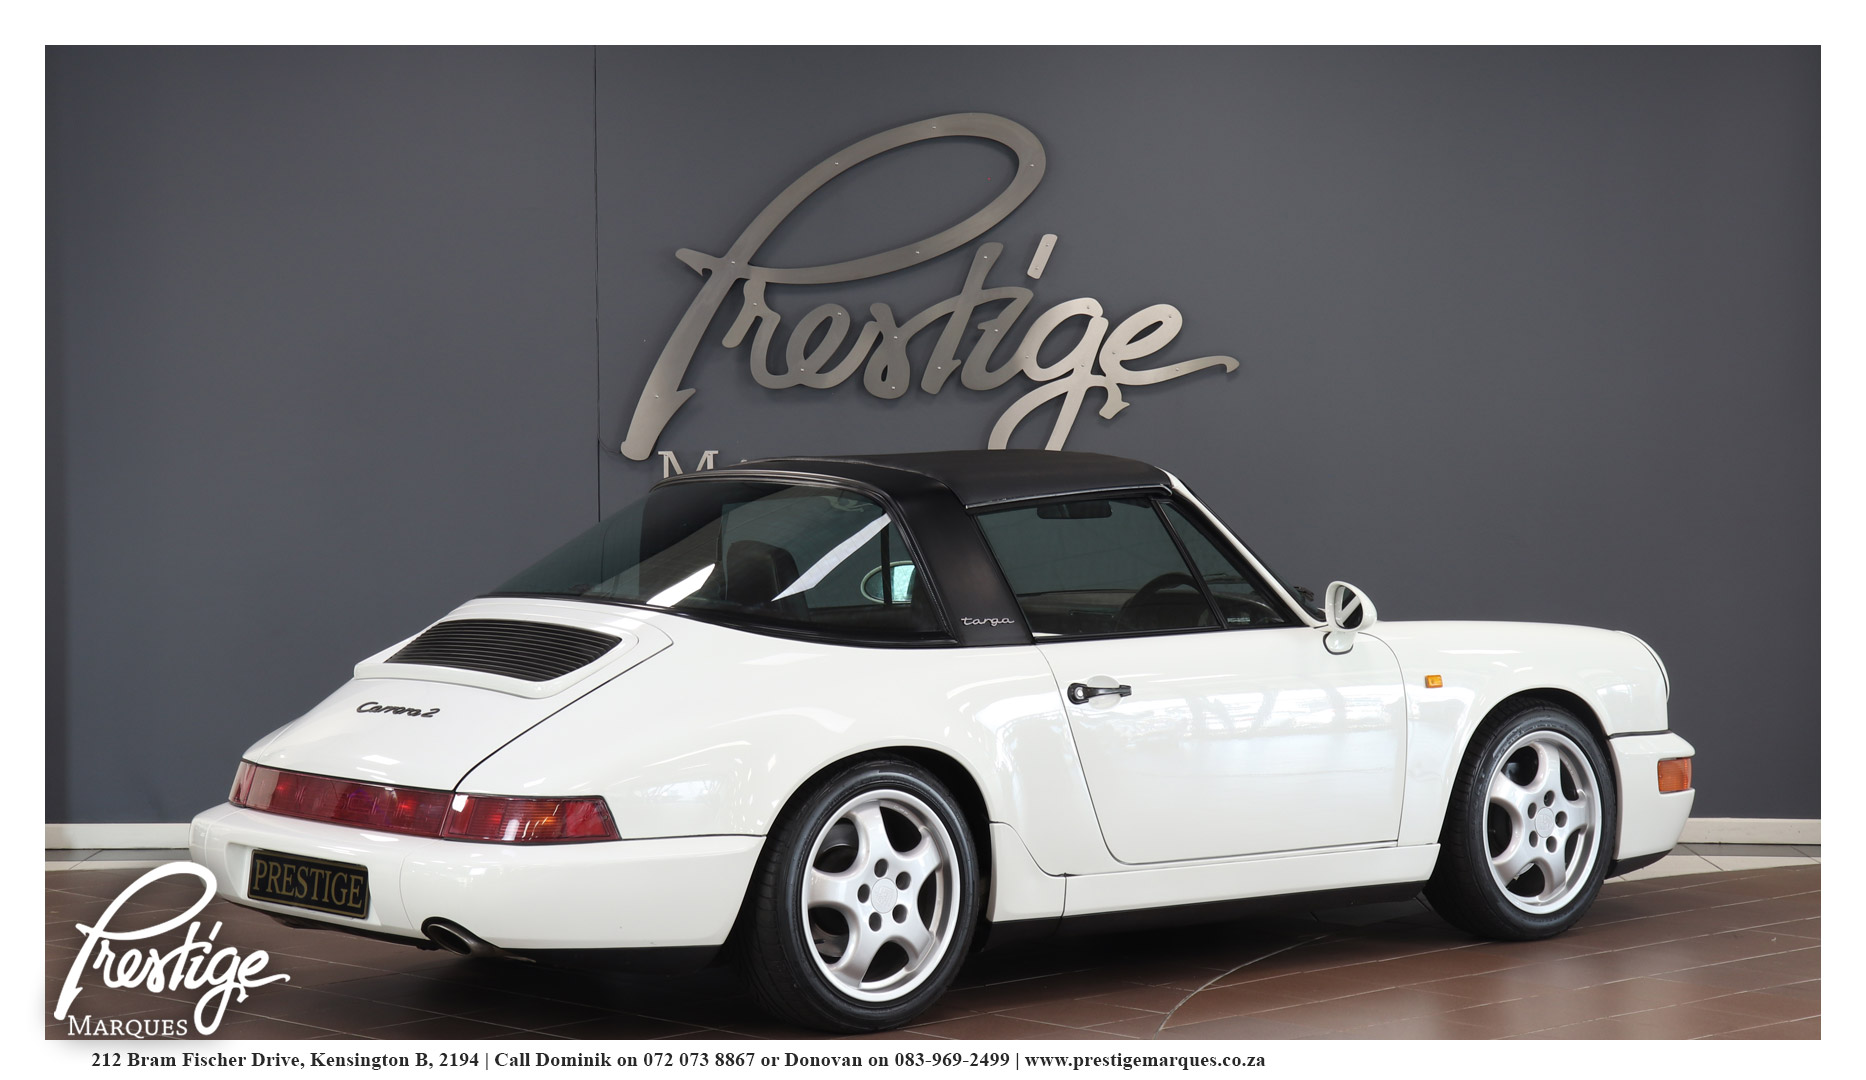 Prestige-Marques-1990-Porsche-964-Carrera 2-Manual-3